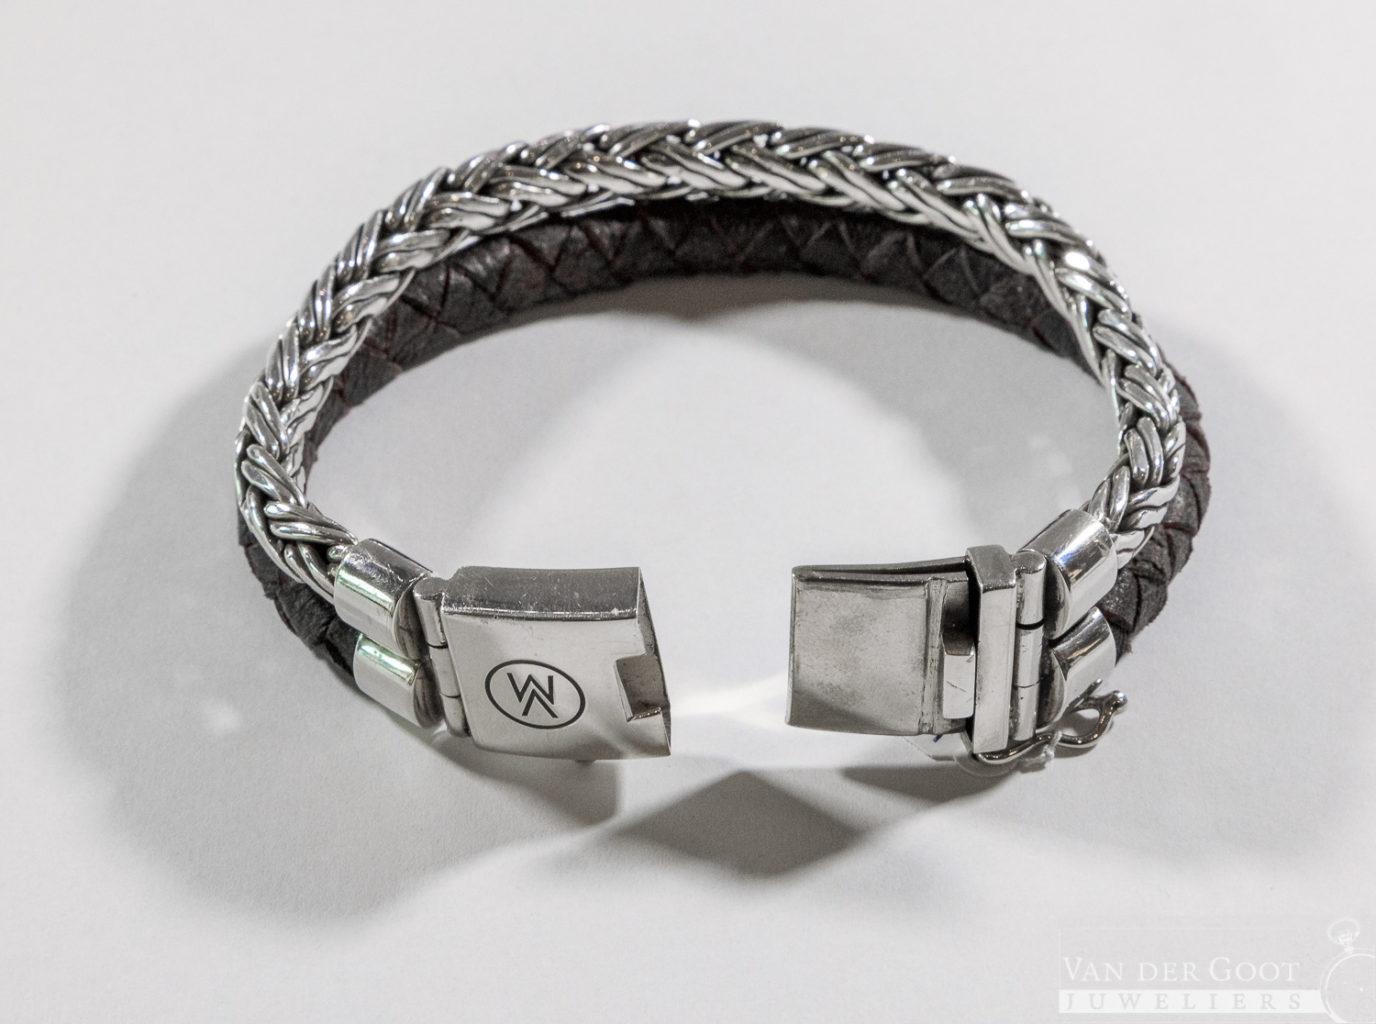 Van Mispelaar Armband 205003 - Duo S  21 cm  €379,-